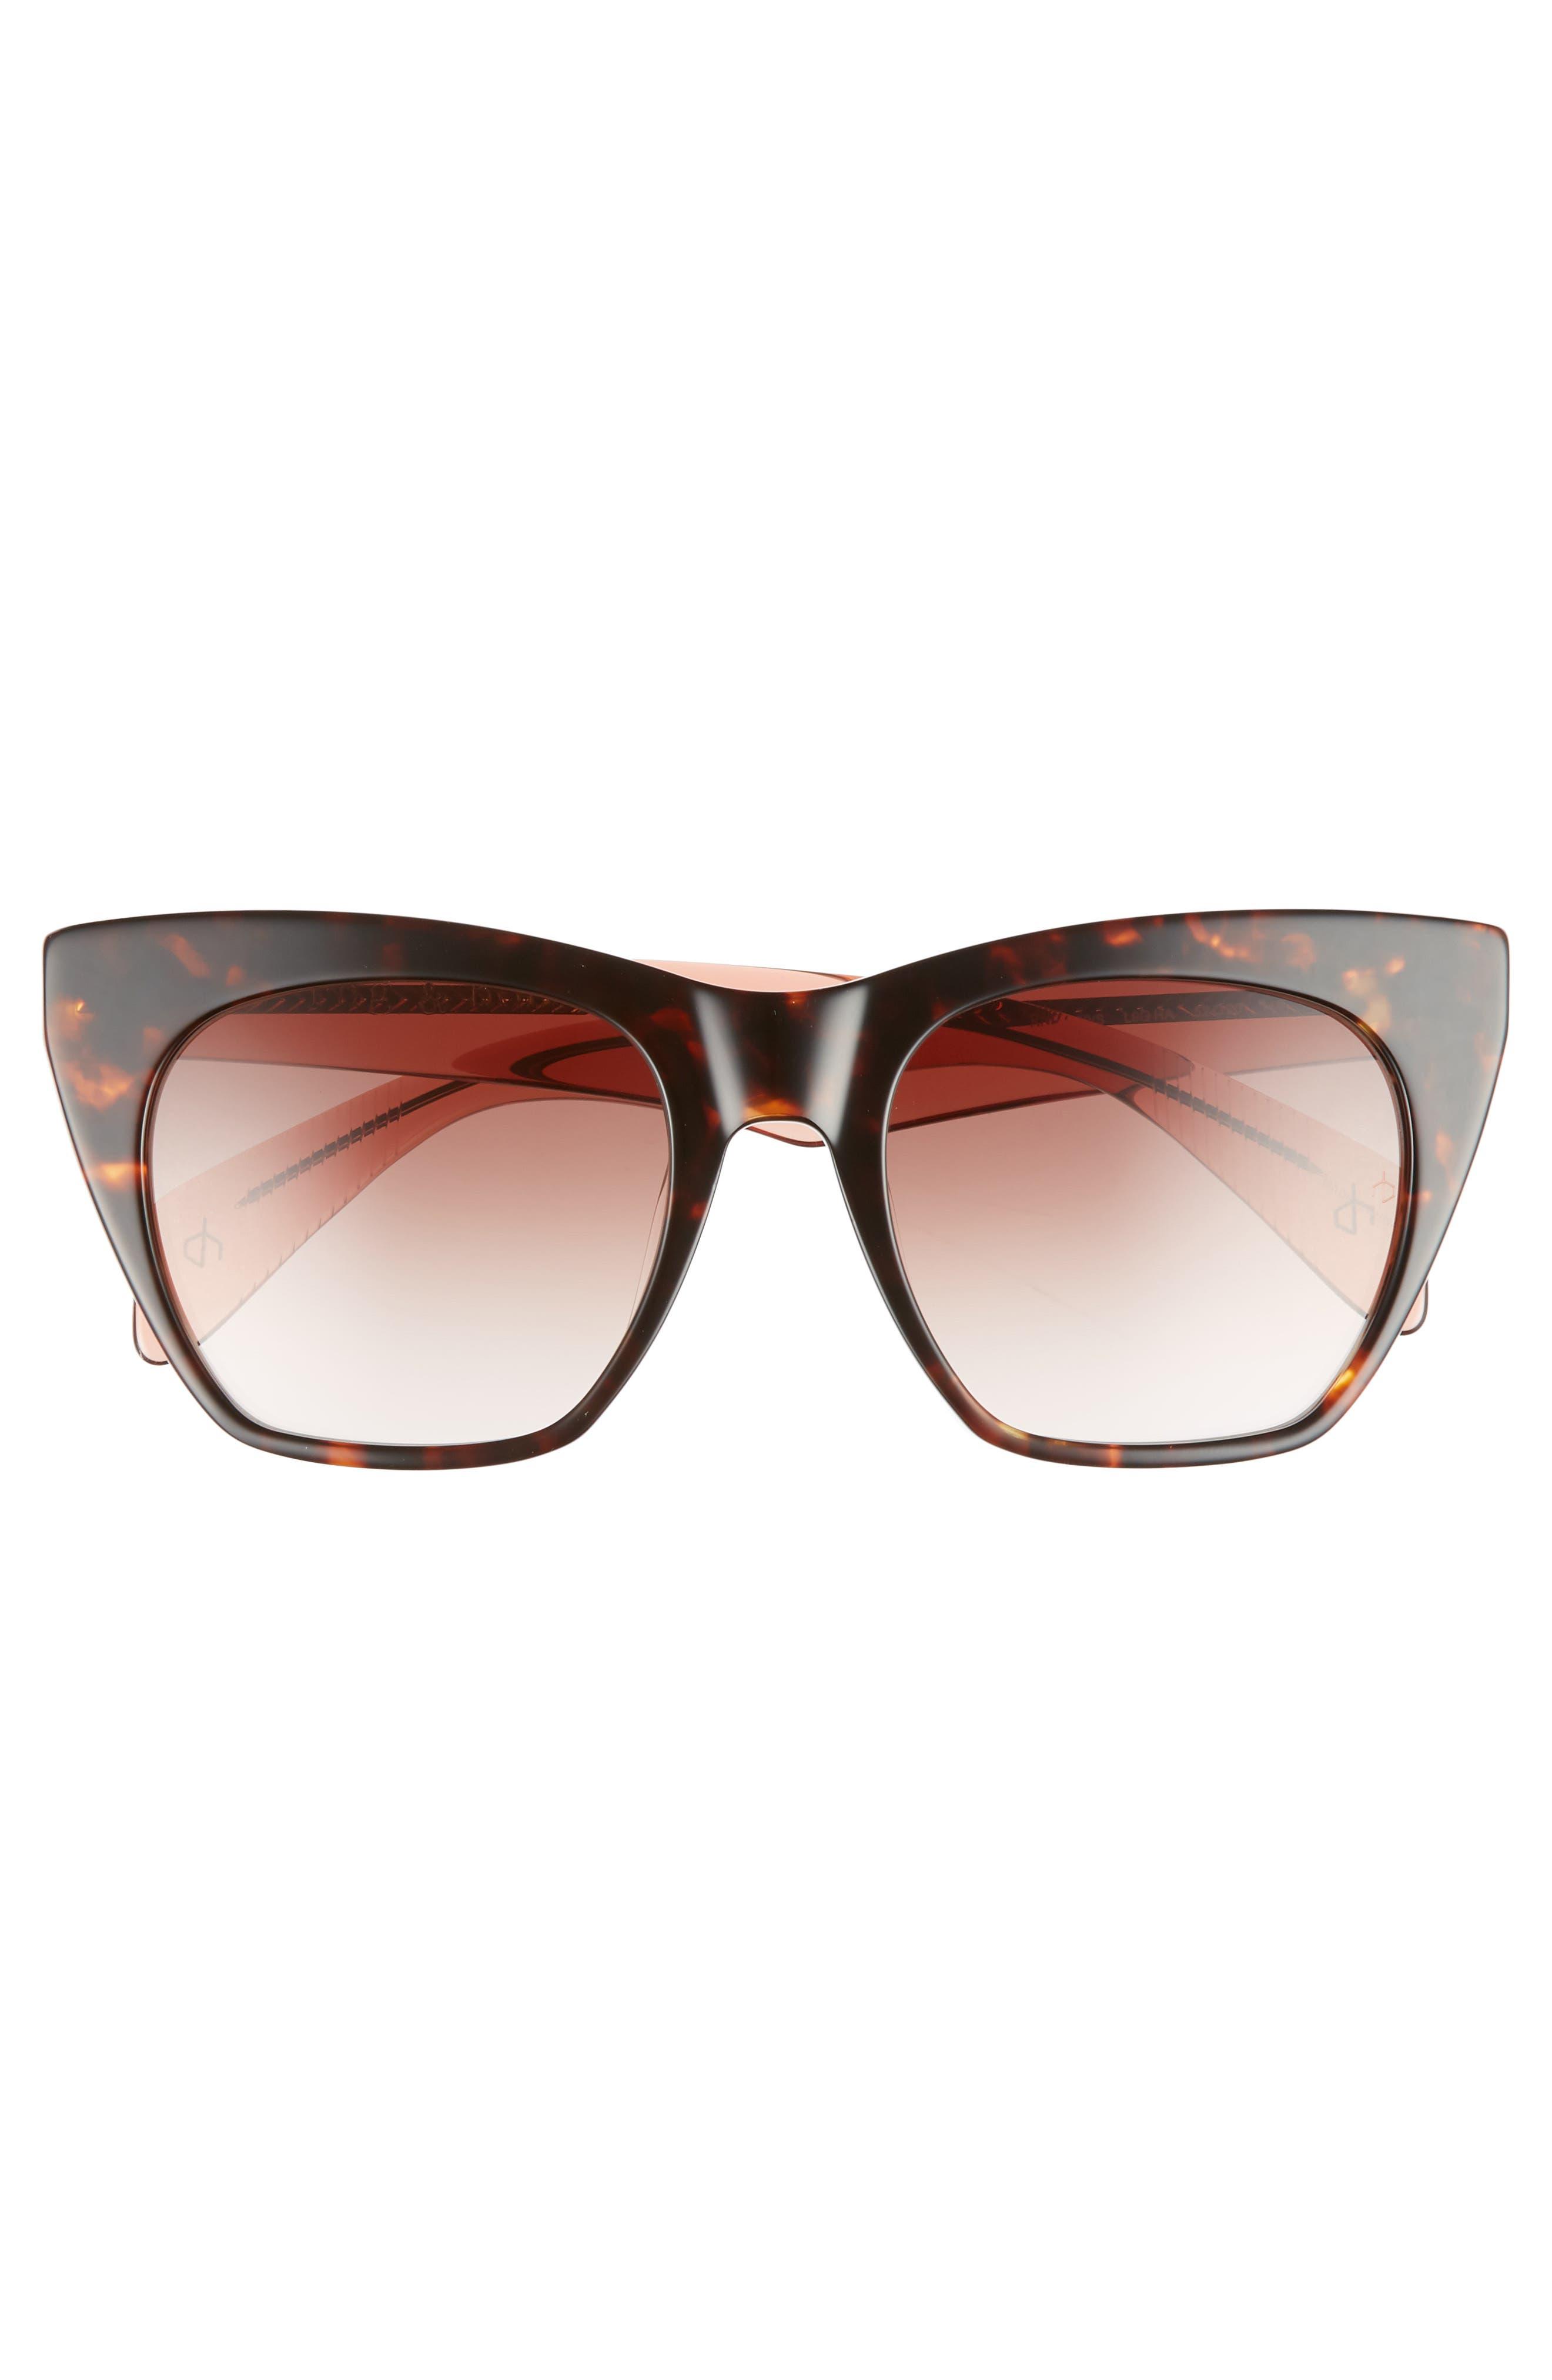 52mm Cat Eye Sunglasses,                             Alternate thumbnail 3, color,                             Havana Orange